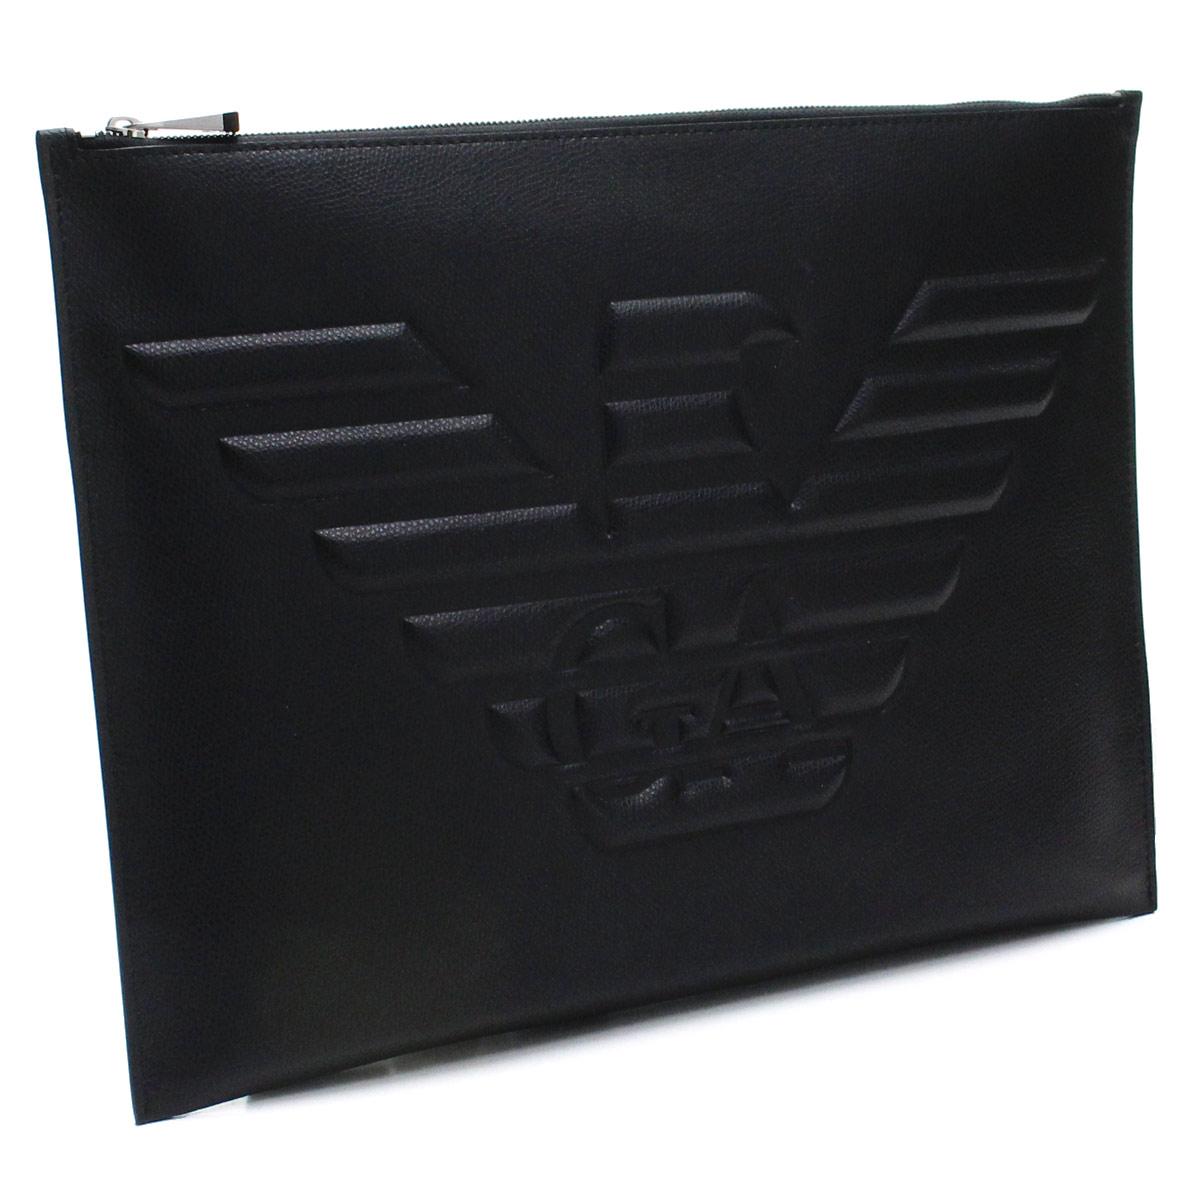 エンポリオ アルマーニ EMPORIO ARMANI イーグル ロゴ エンボス クラッチバッグ Y4P089 YAQ2E 81072 BLACK ブラック メンズ